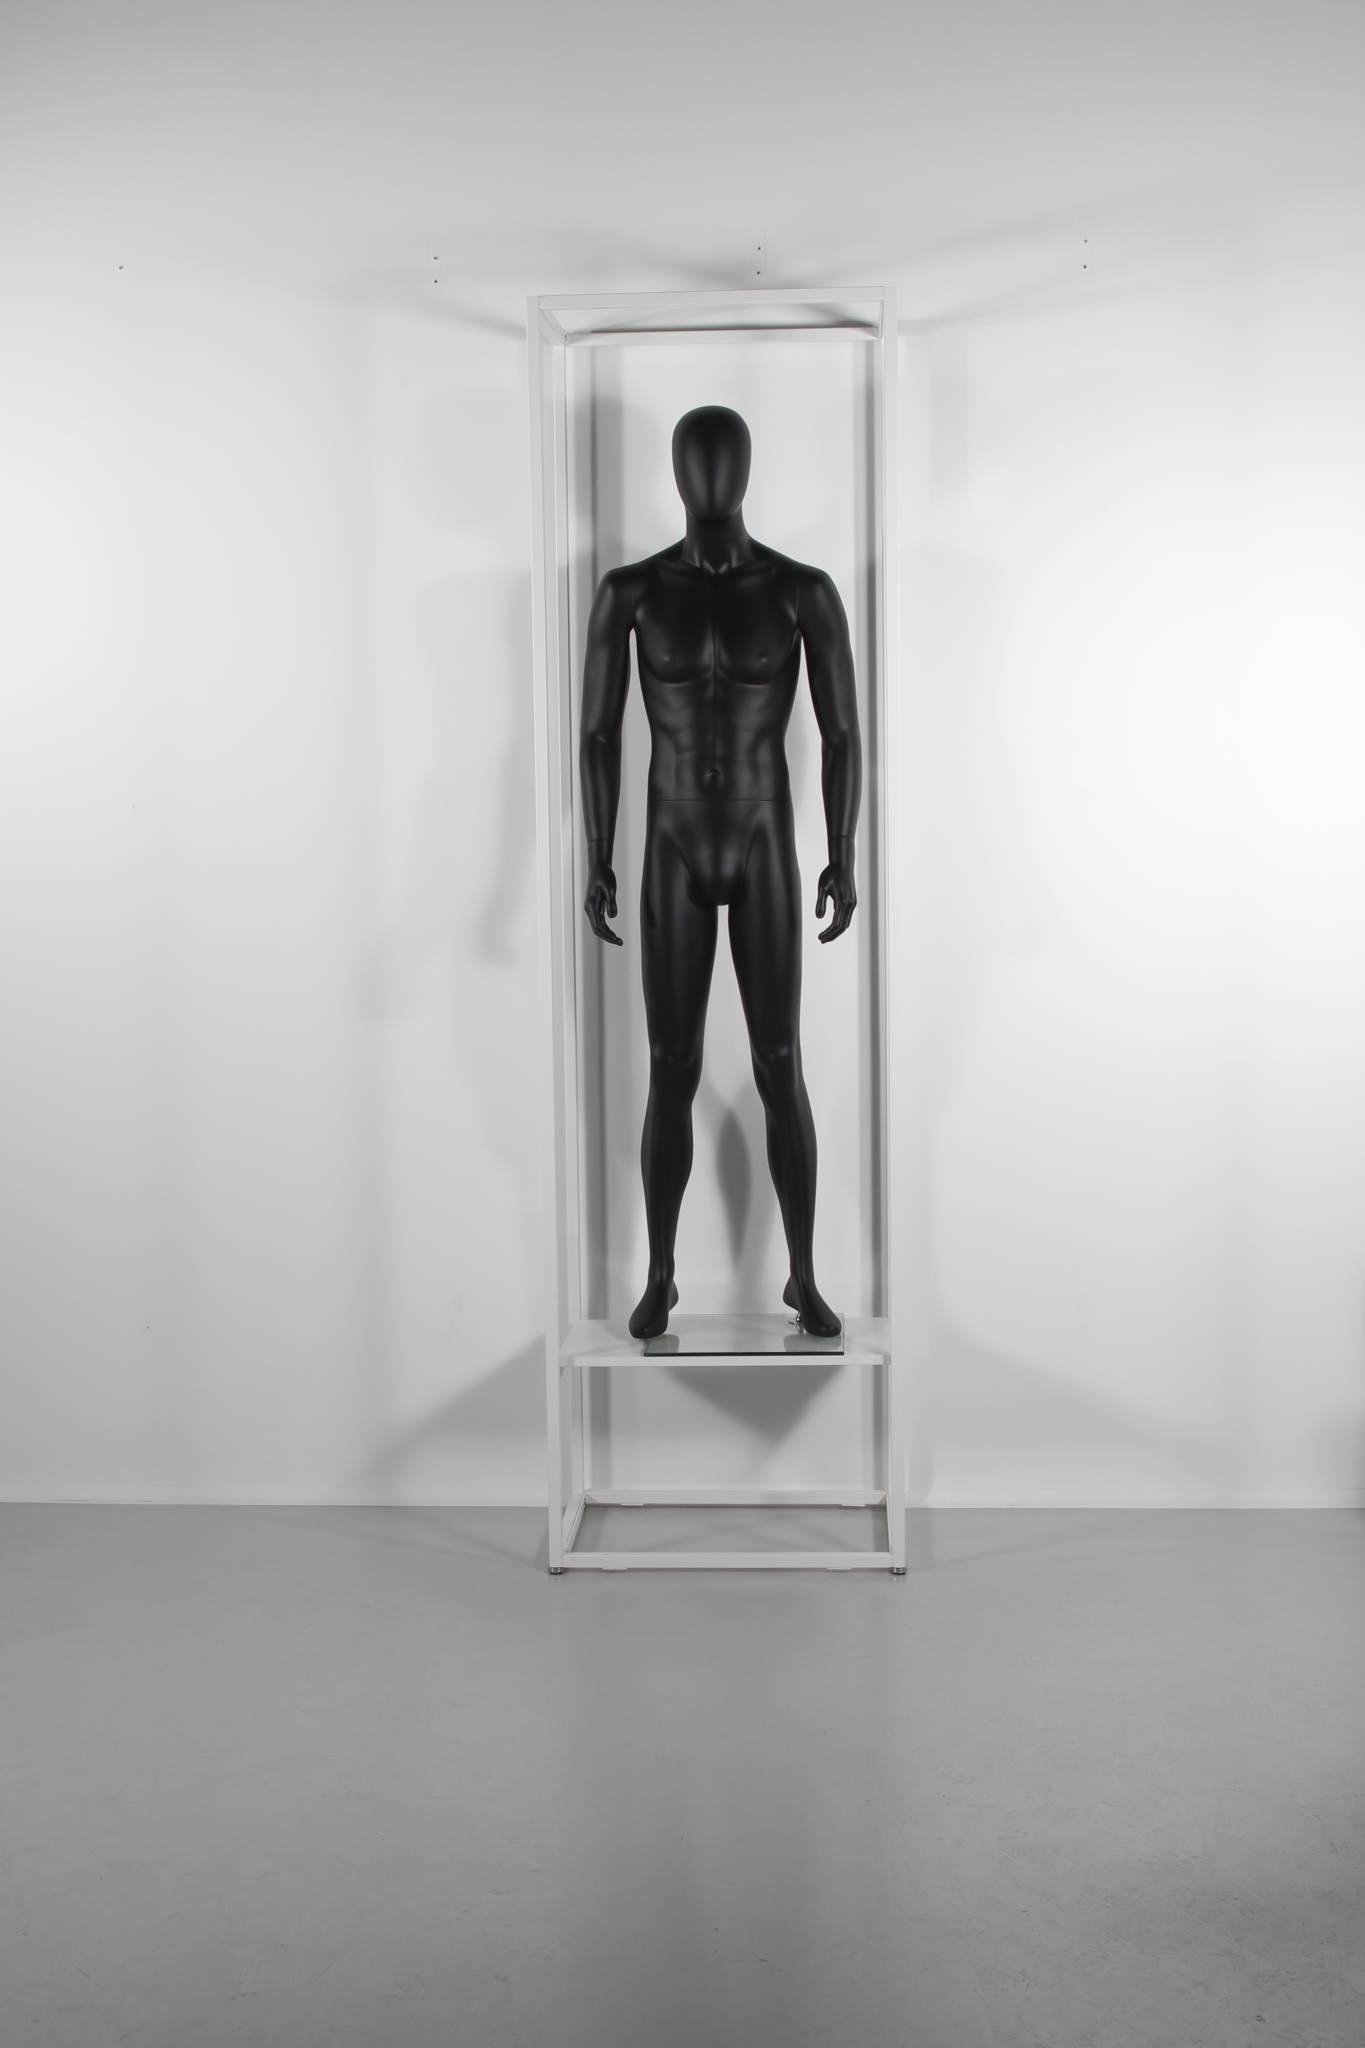 Reol til butik anvendt til fokus område med mannequin